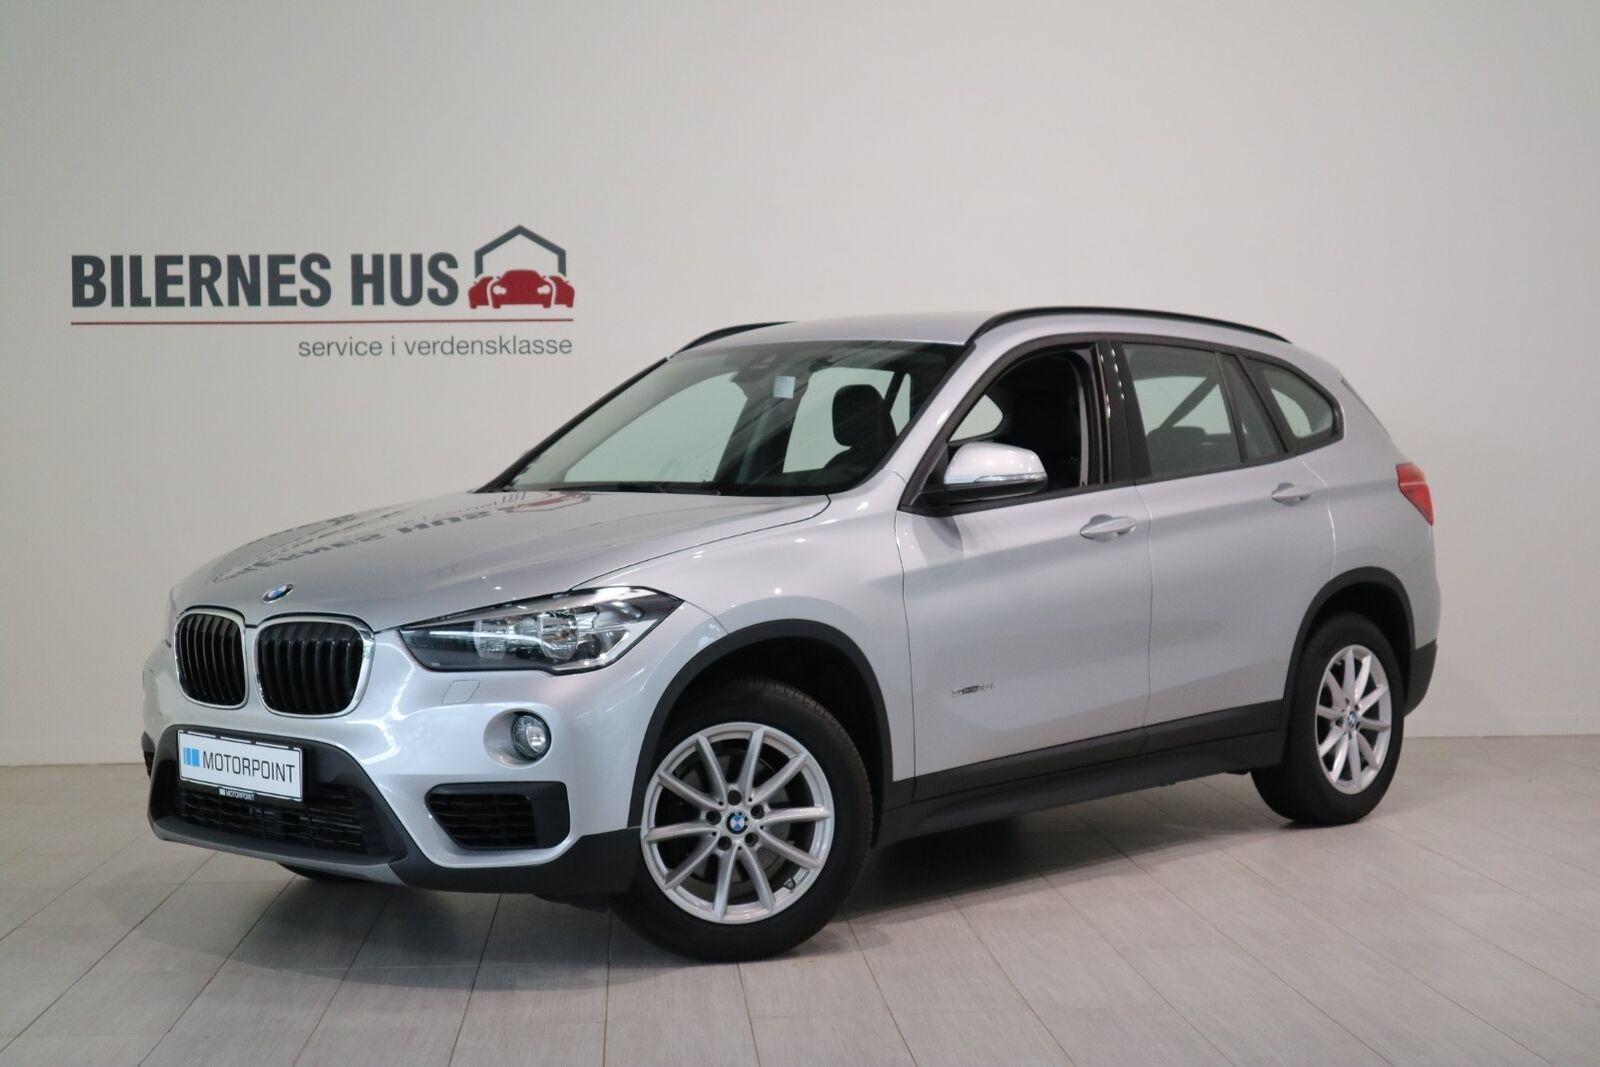 BMW X1 Billede 5